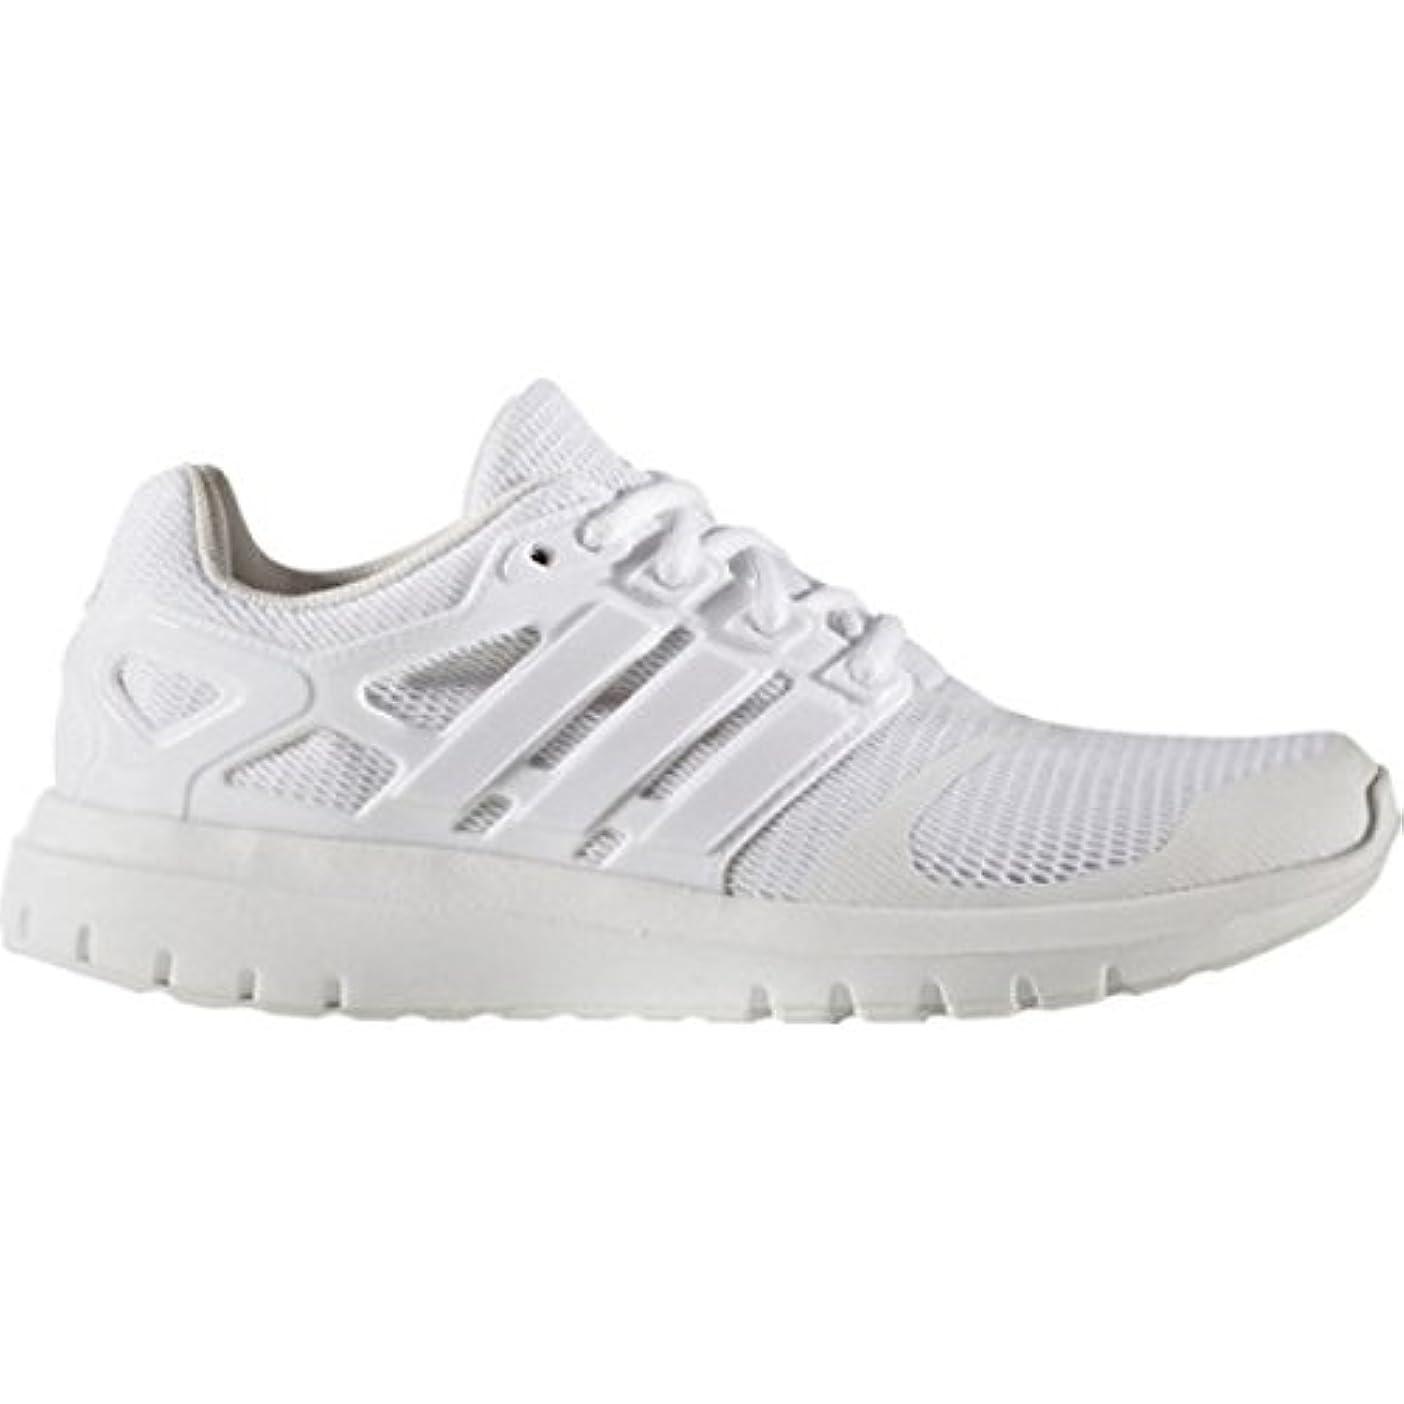 インディカアプト周波数(アディダス) adidas レディース ランニング?ウォーキング シューズ?靴 Energy Cloud V 2-Tone Lenticular Mesh Running Shoe [並行輸入品]